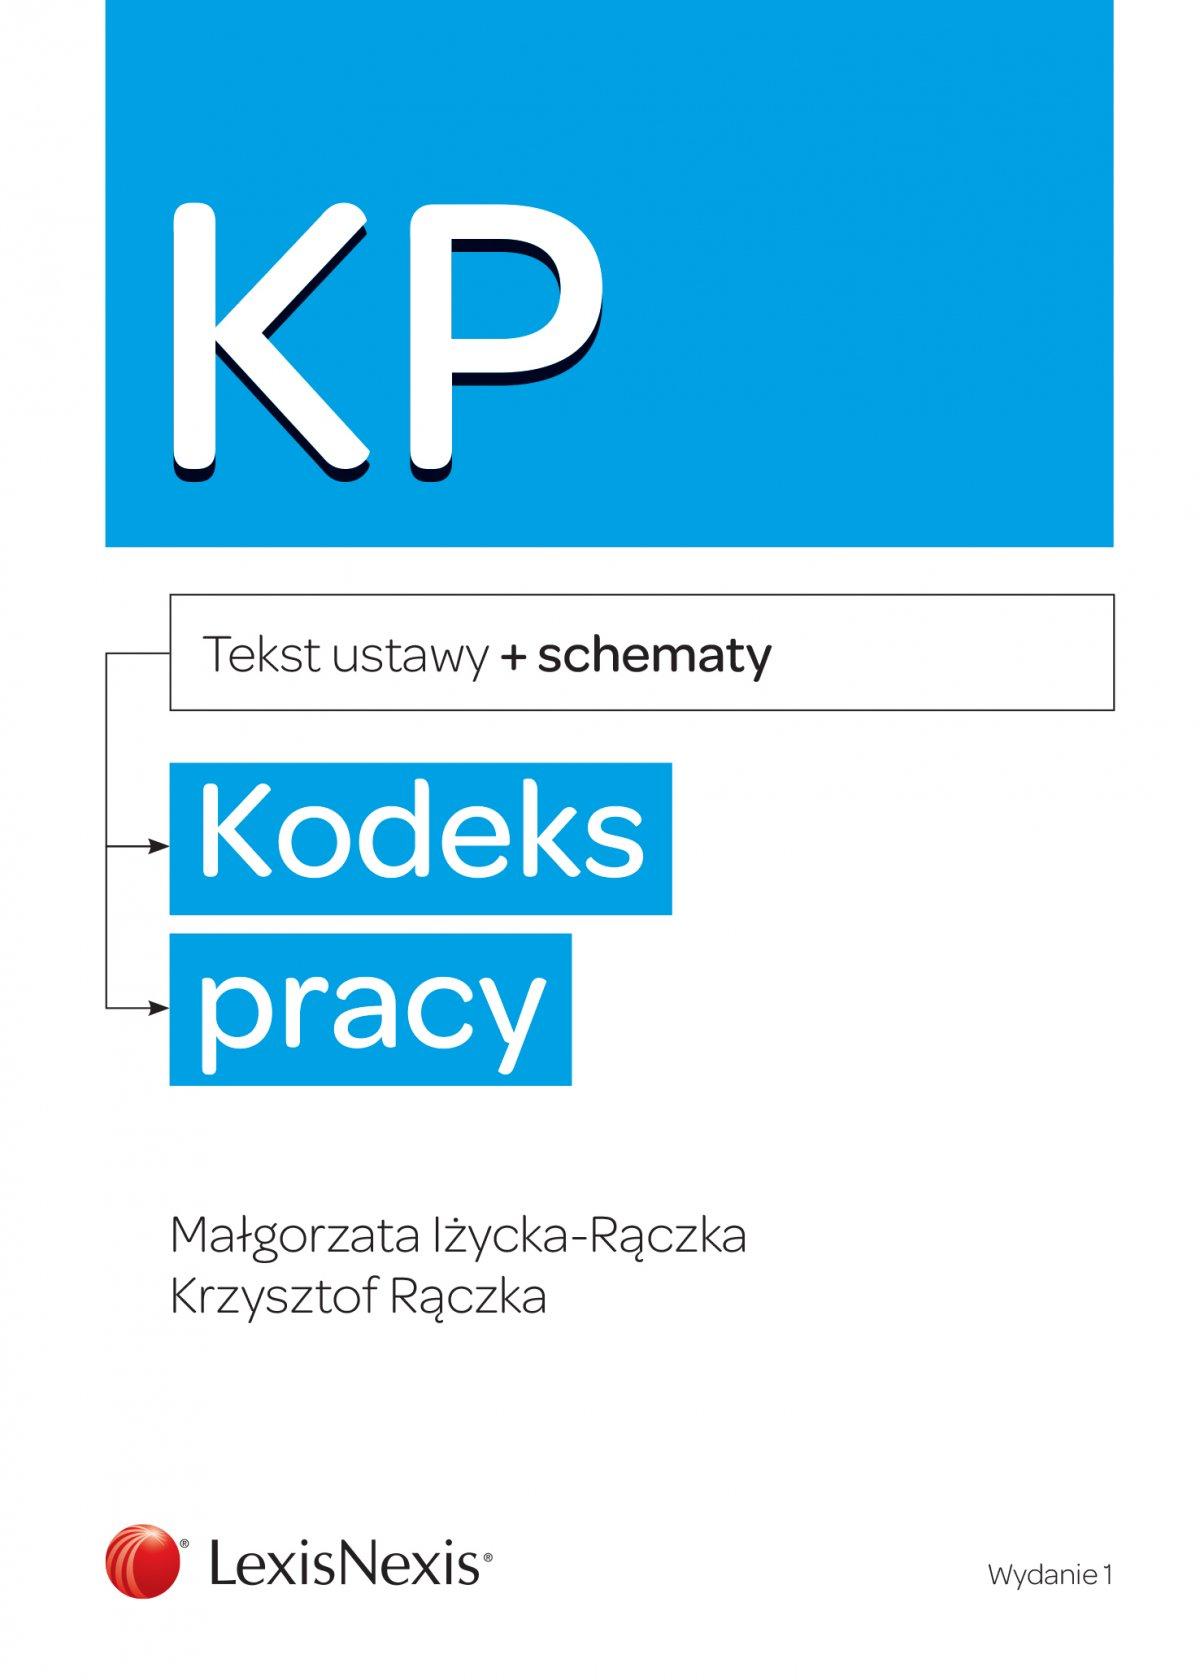 Kodeks pracy ze schematami. Wydanie 1 - Ebook (Książka PDF) do pobrania w formacie PDF